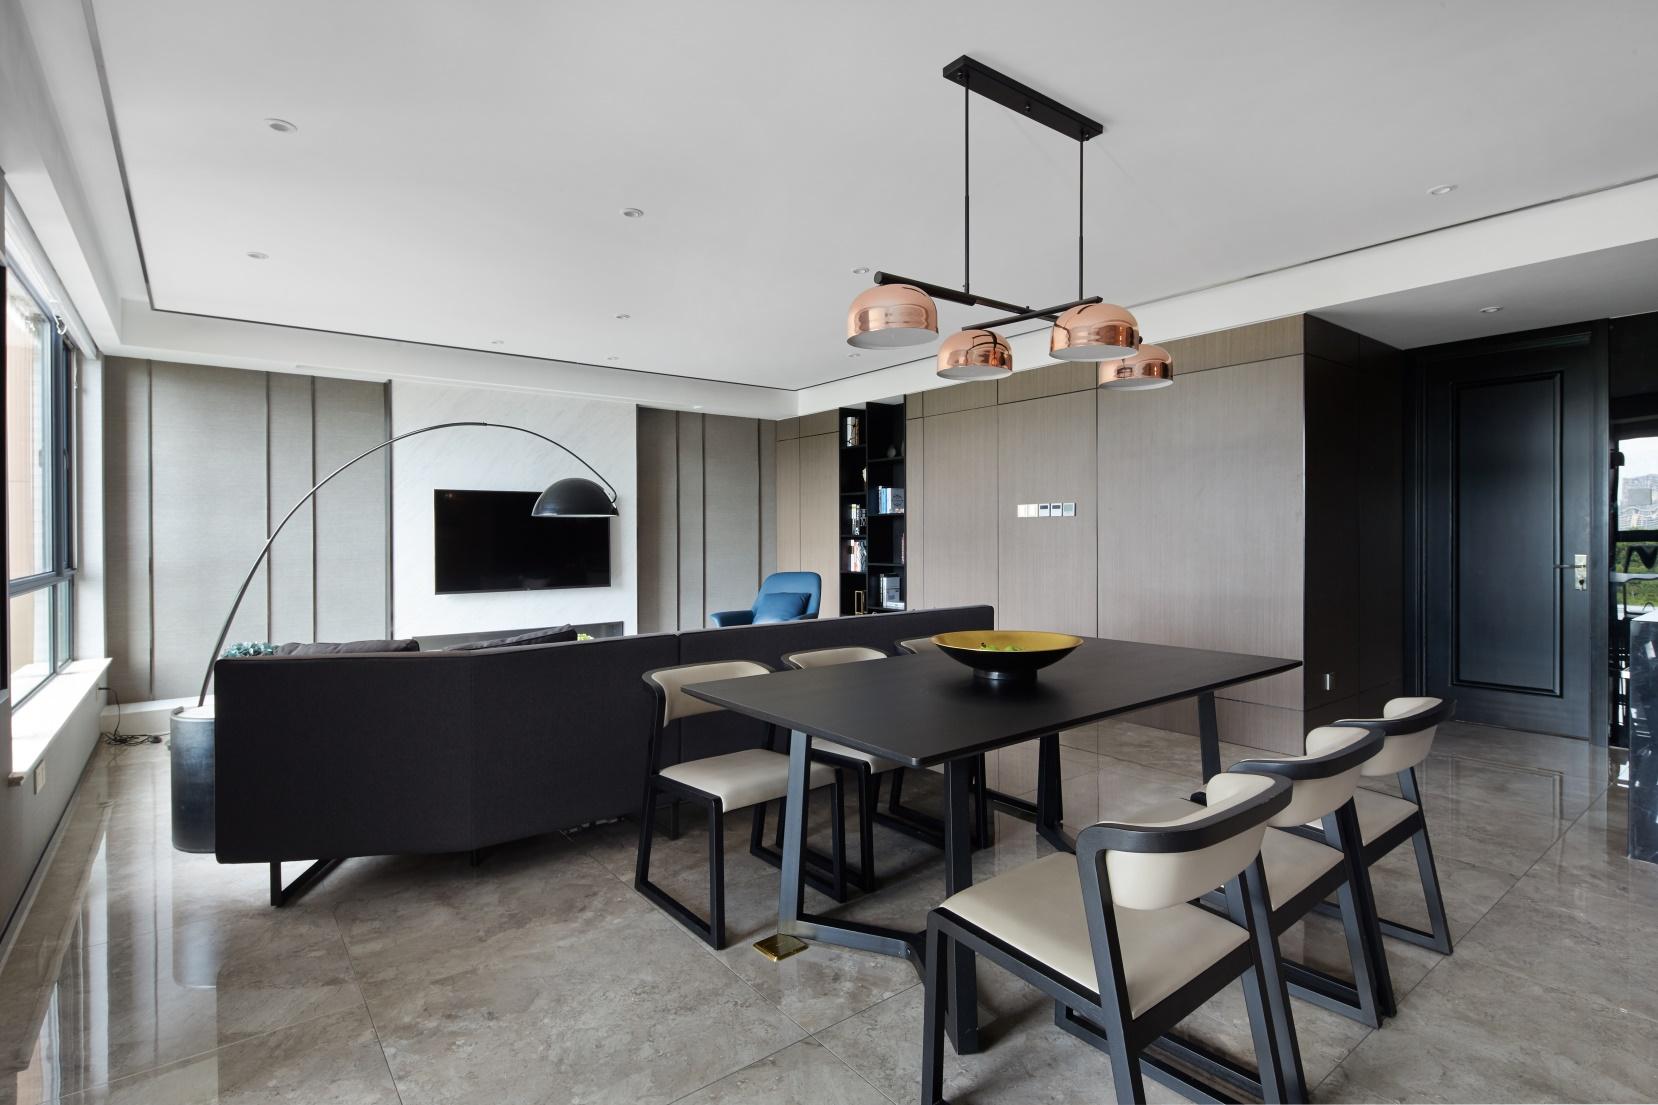 客厅的三分之一处作为用餐区,家庭成员用餐视野更加开阔,极具交流感。